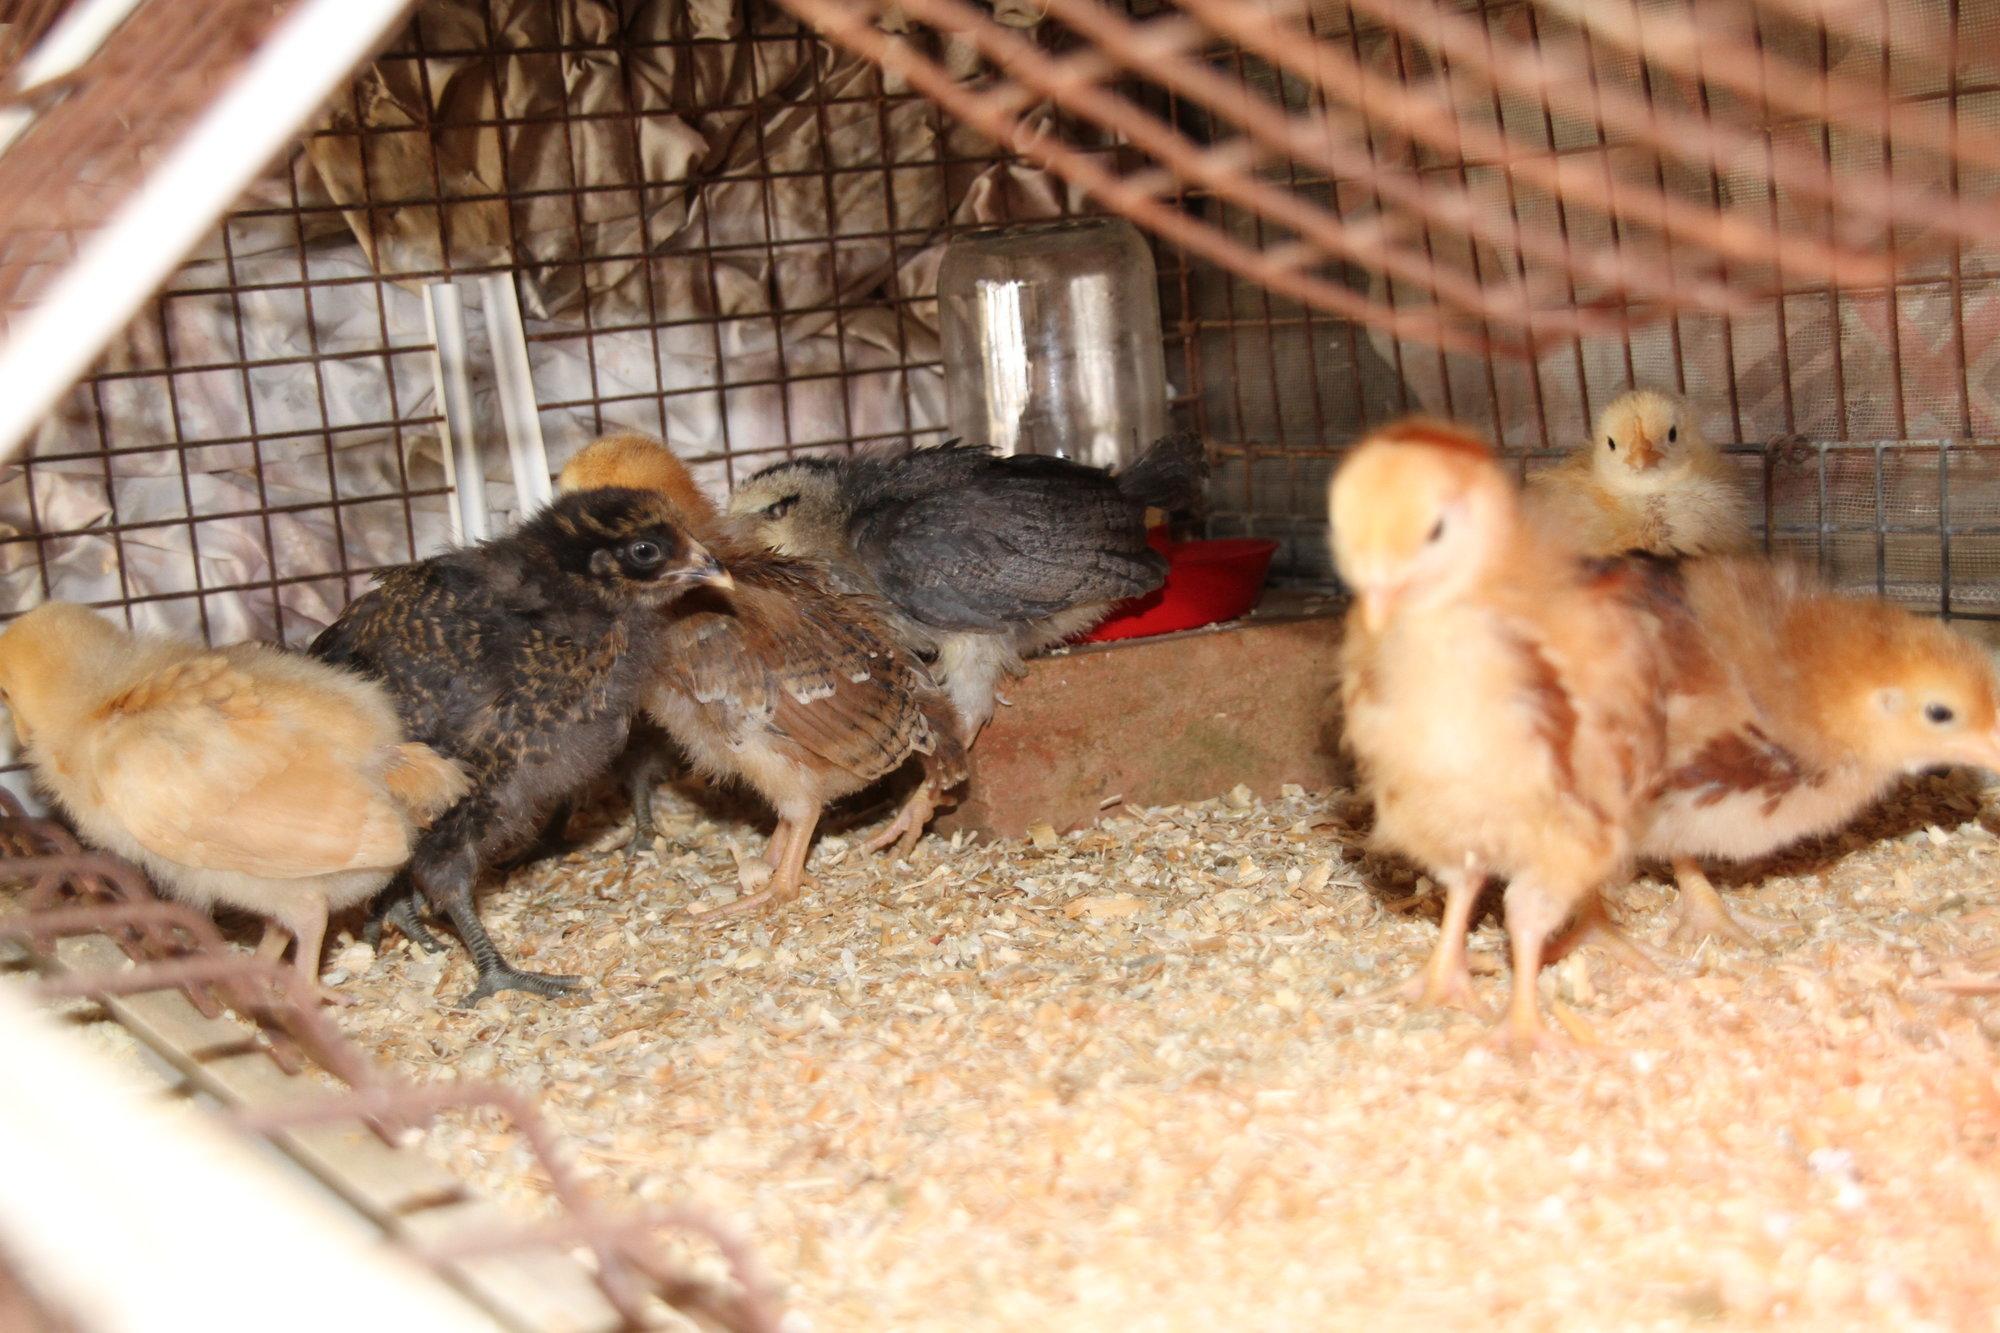 032318_Chickens_06.JPG